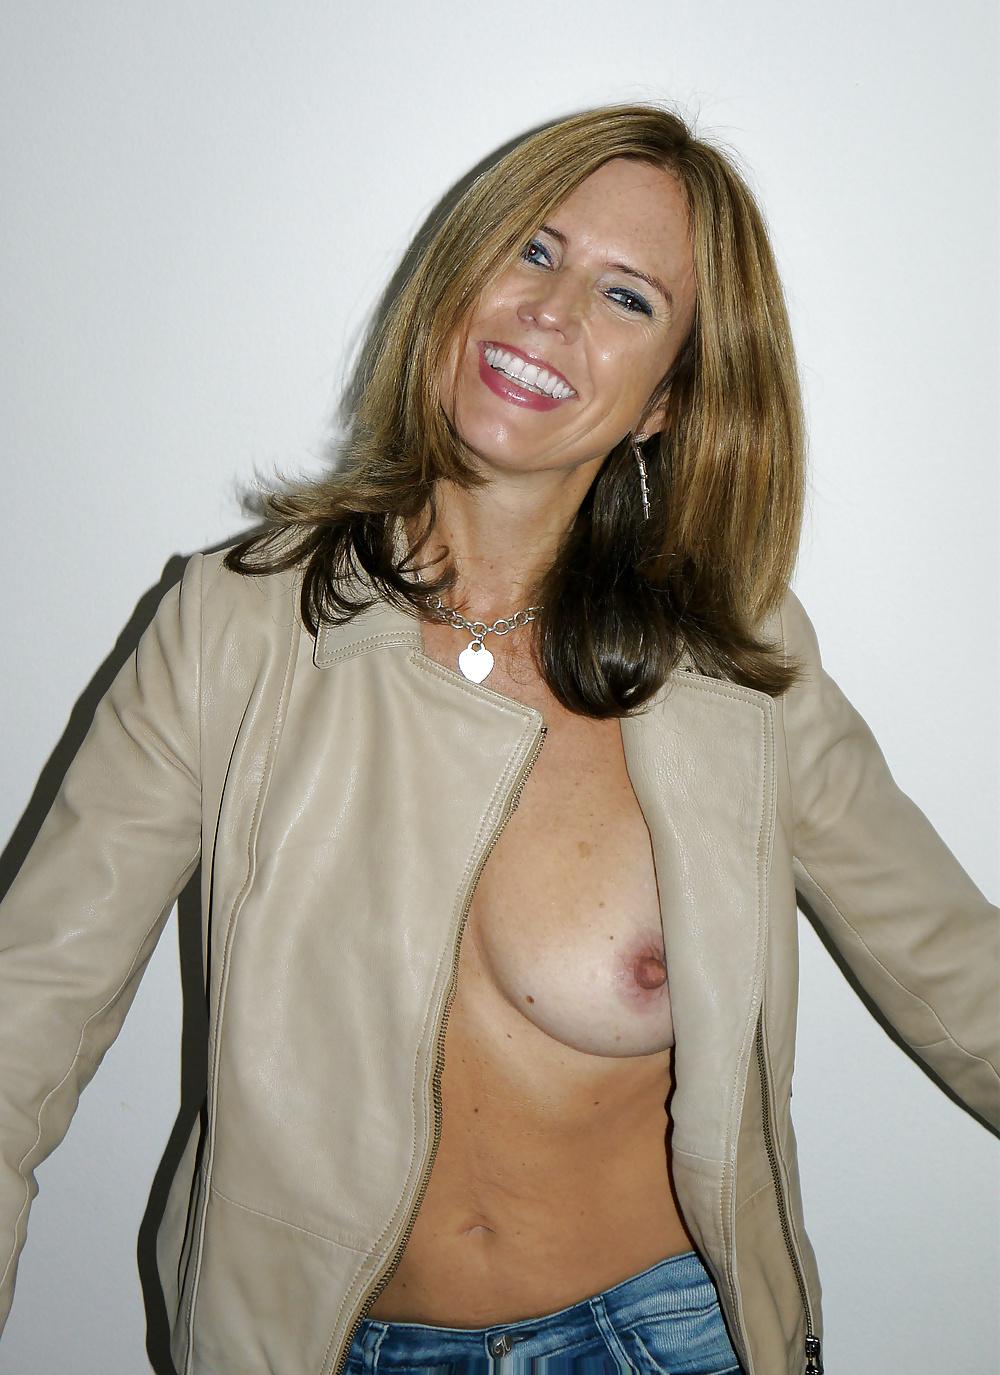 photo porno de maman sex du 69